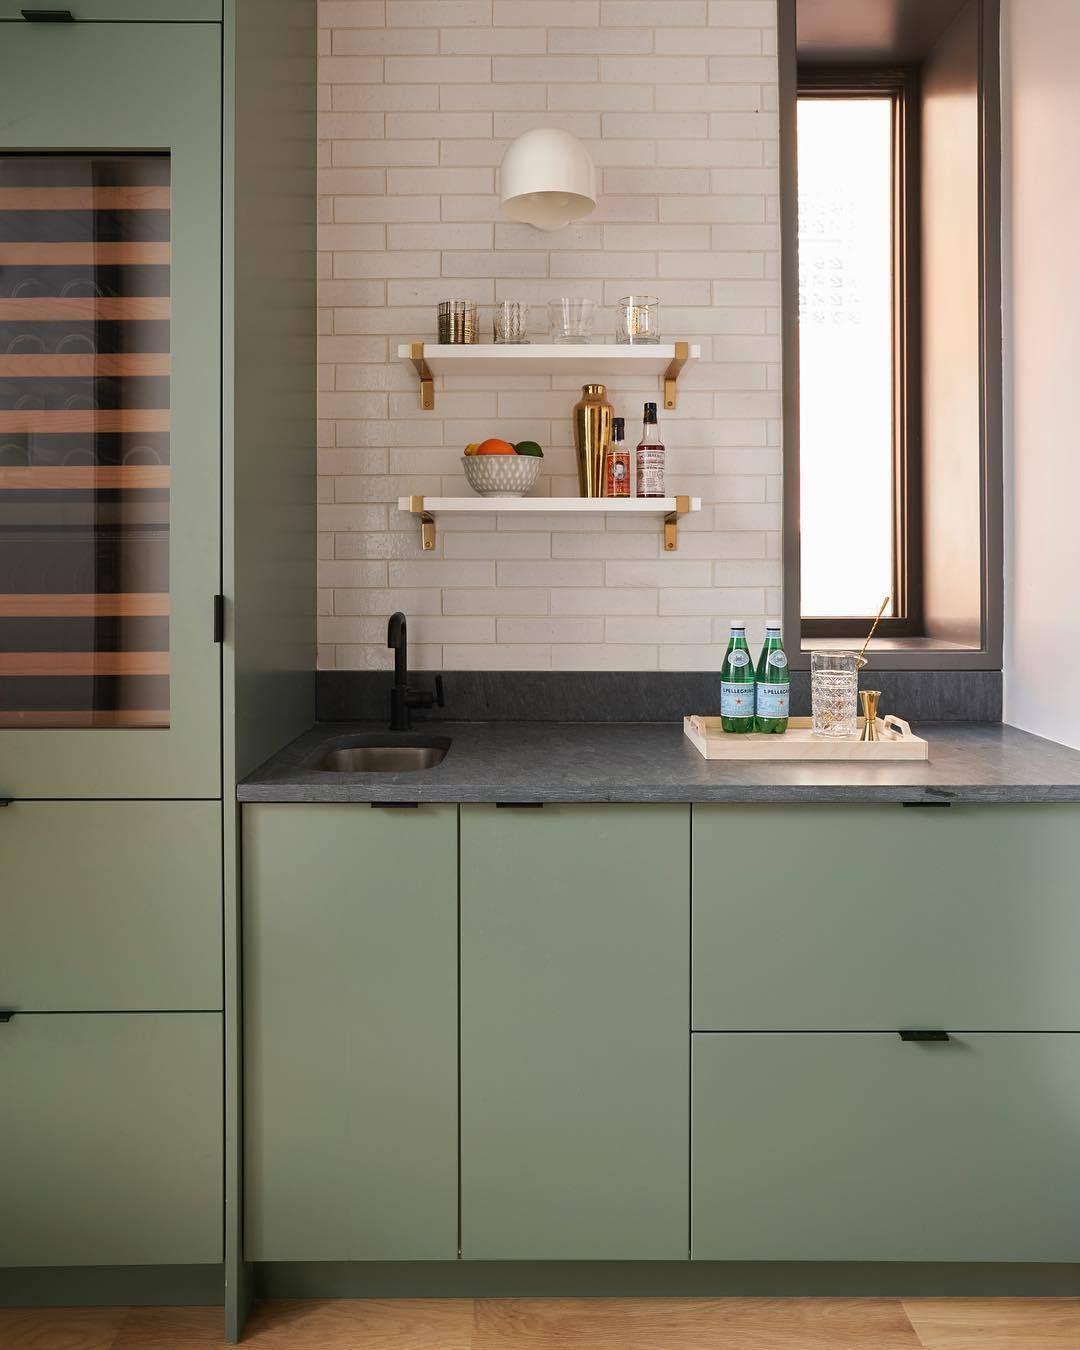 Pin On New Kitchen Ideas